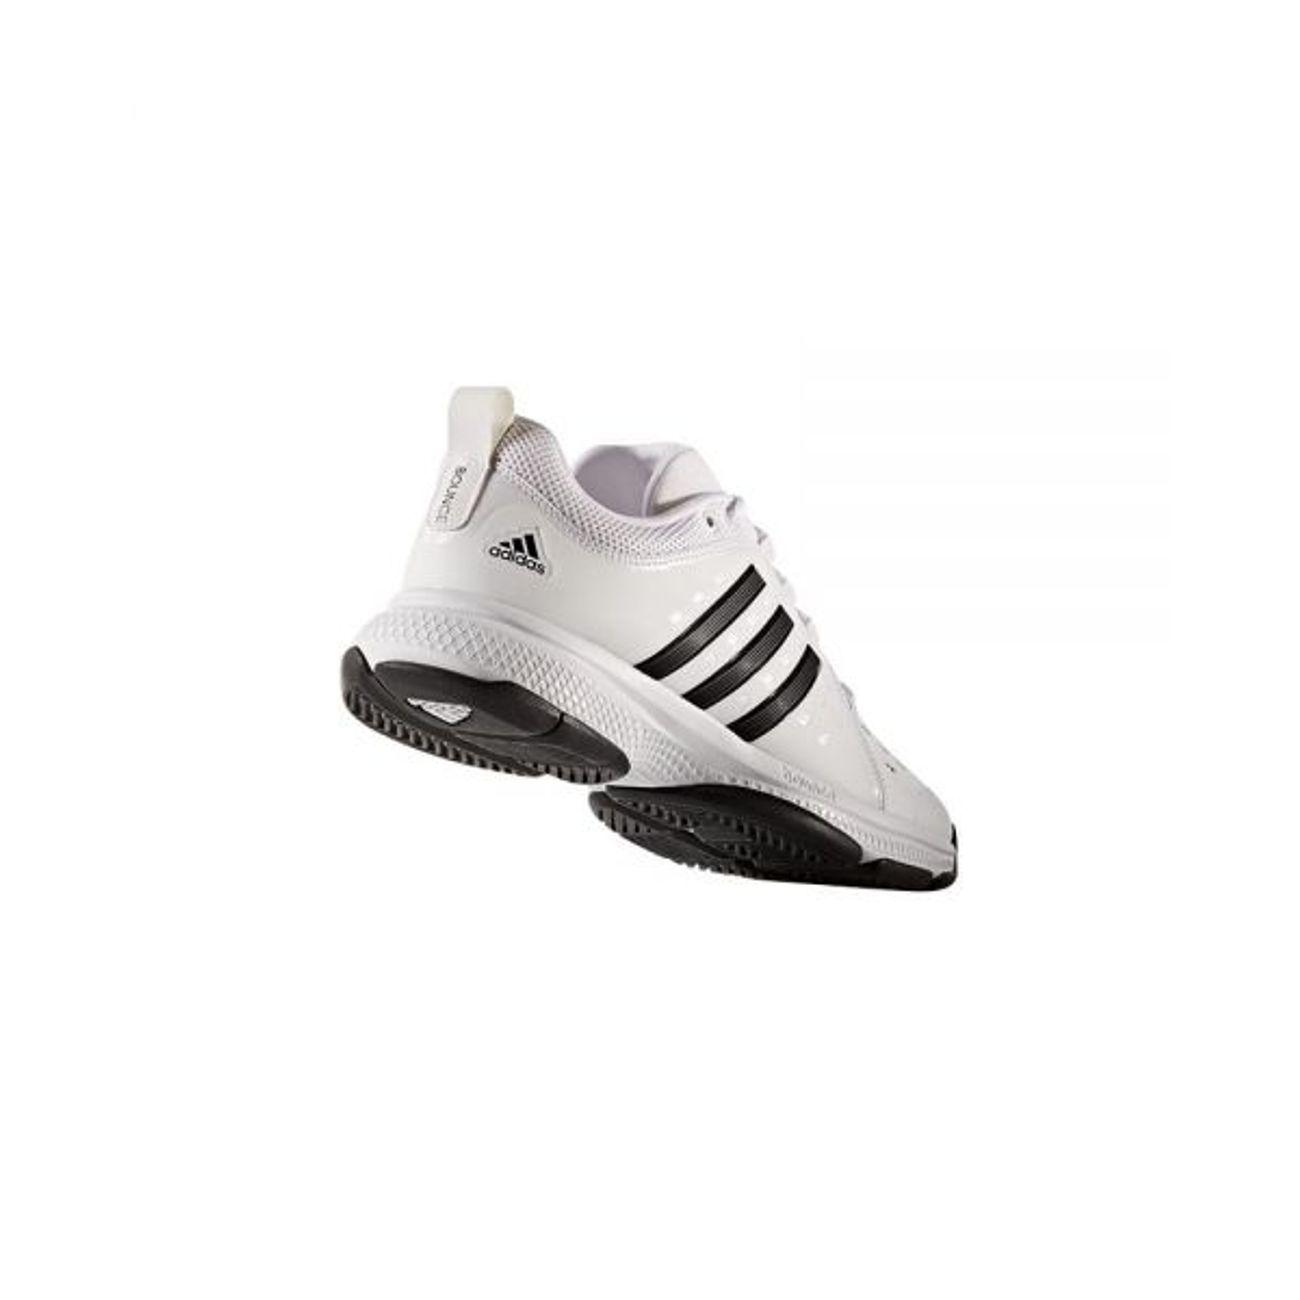 best website 9d35c de3c9 ... Tennis homme ADIDAS Adidas - Barricade Classic Bounce Synthetic  chaussures de tennis pour hommes (blanc ...